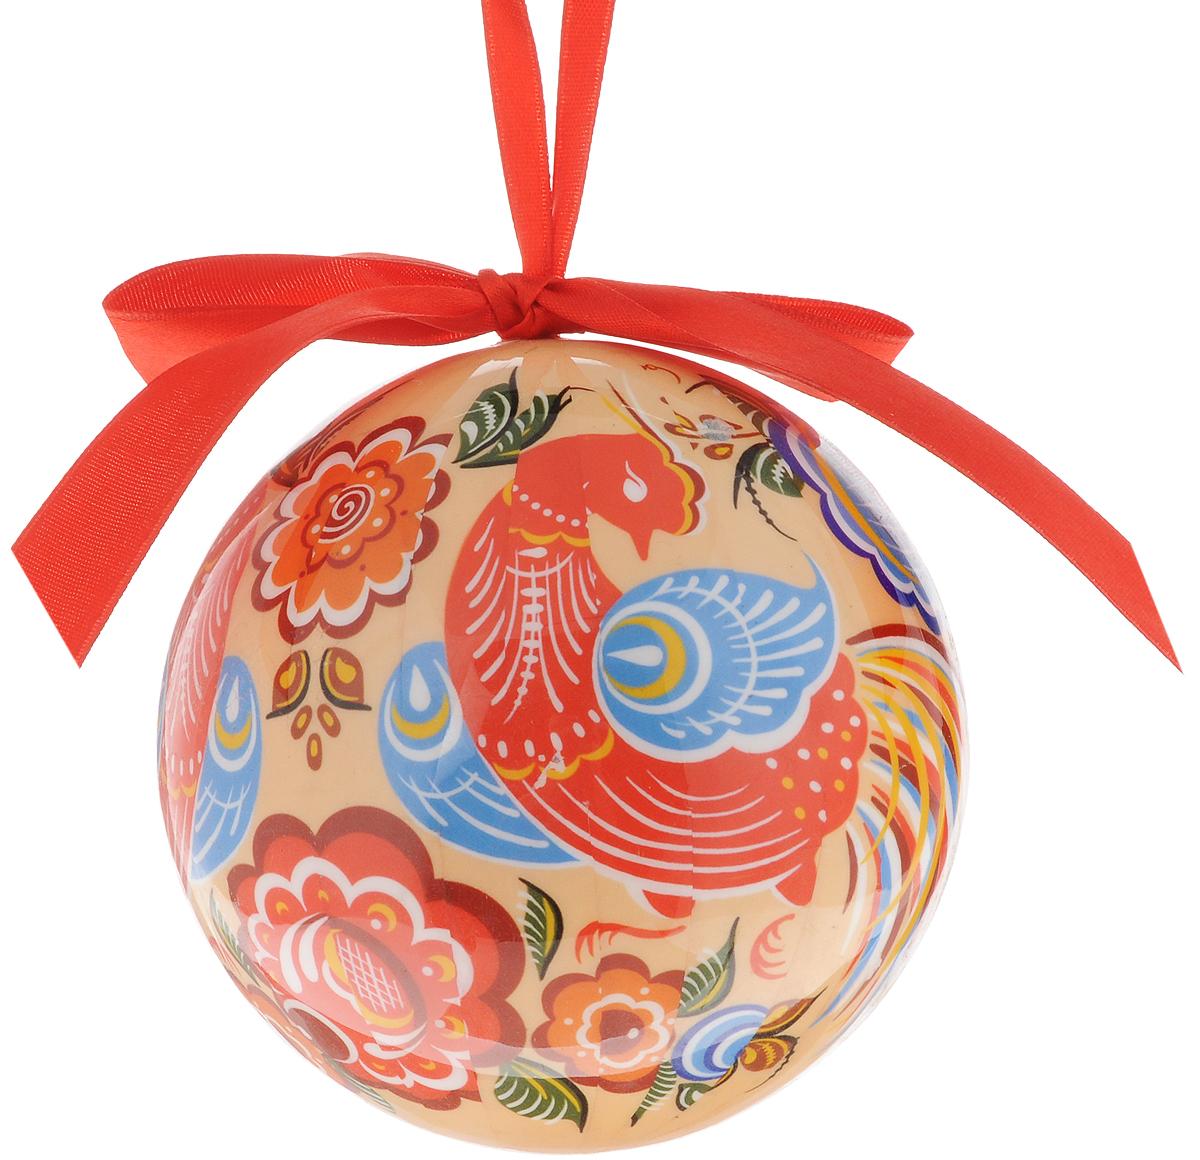 Украшение новогоднее подвесное Незабудка Шар. Птички, диаметр 10 смC0038550Новогоднее подвесное украшение Шар. Птички отлично подойдет для декорации вашего дома и новогодней ели. Украшение изготовлено из вспененного полистирола и выполнено в виде елочного шара, оформленного изображением птиц. Благодаря атласной ленточке, украшение можно повесить в любом месте. Оригинальный дизайн и красочное исполнение создадут праздничное настроение.